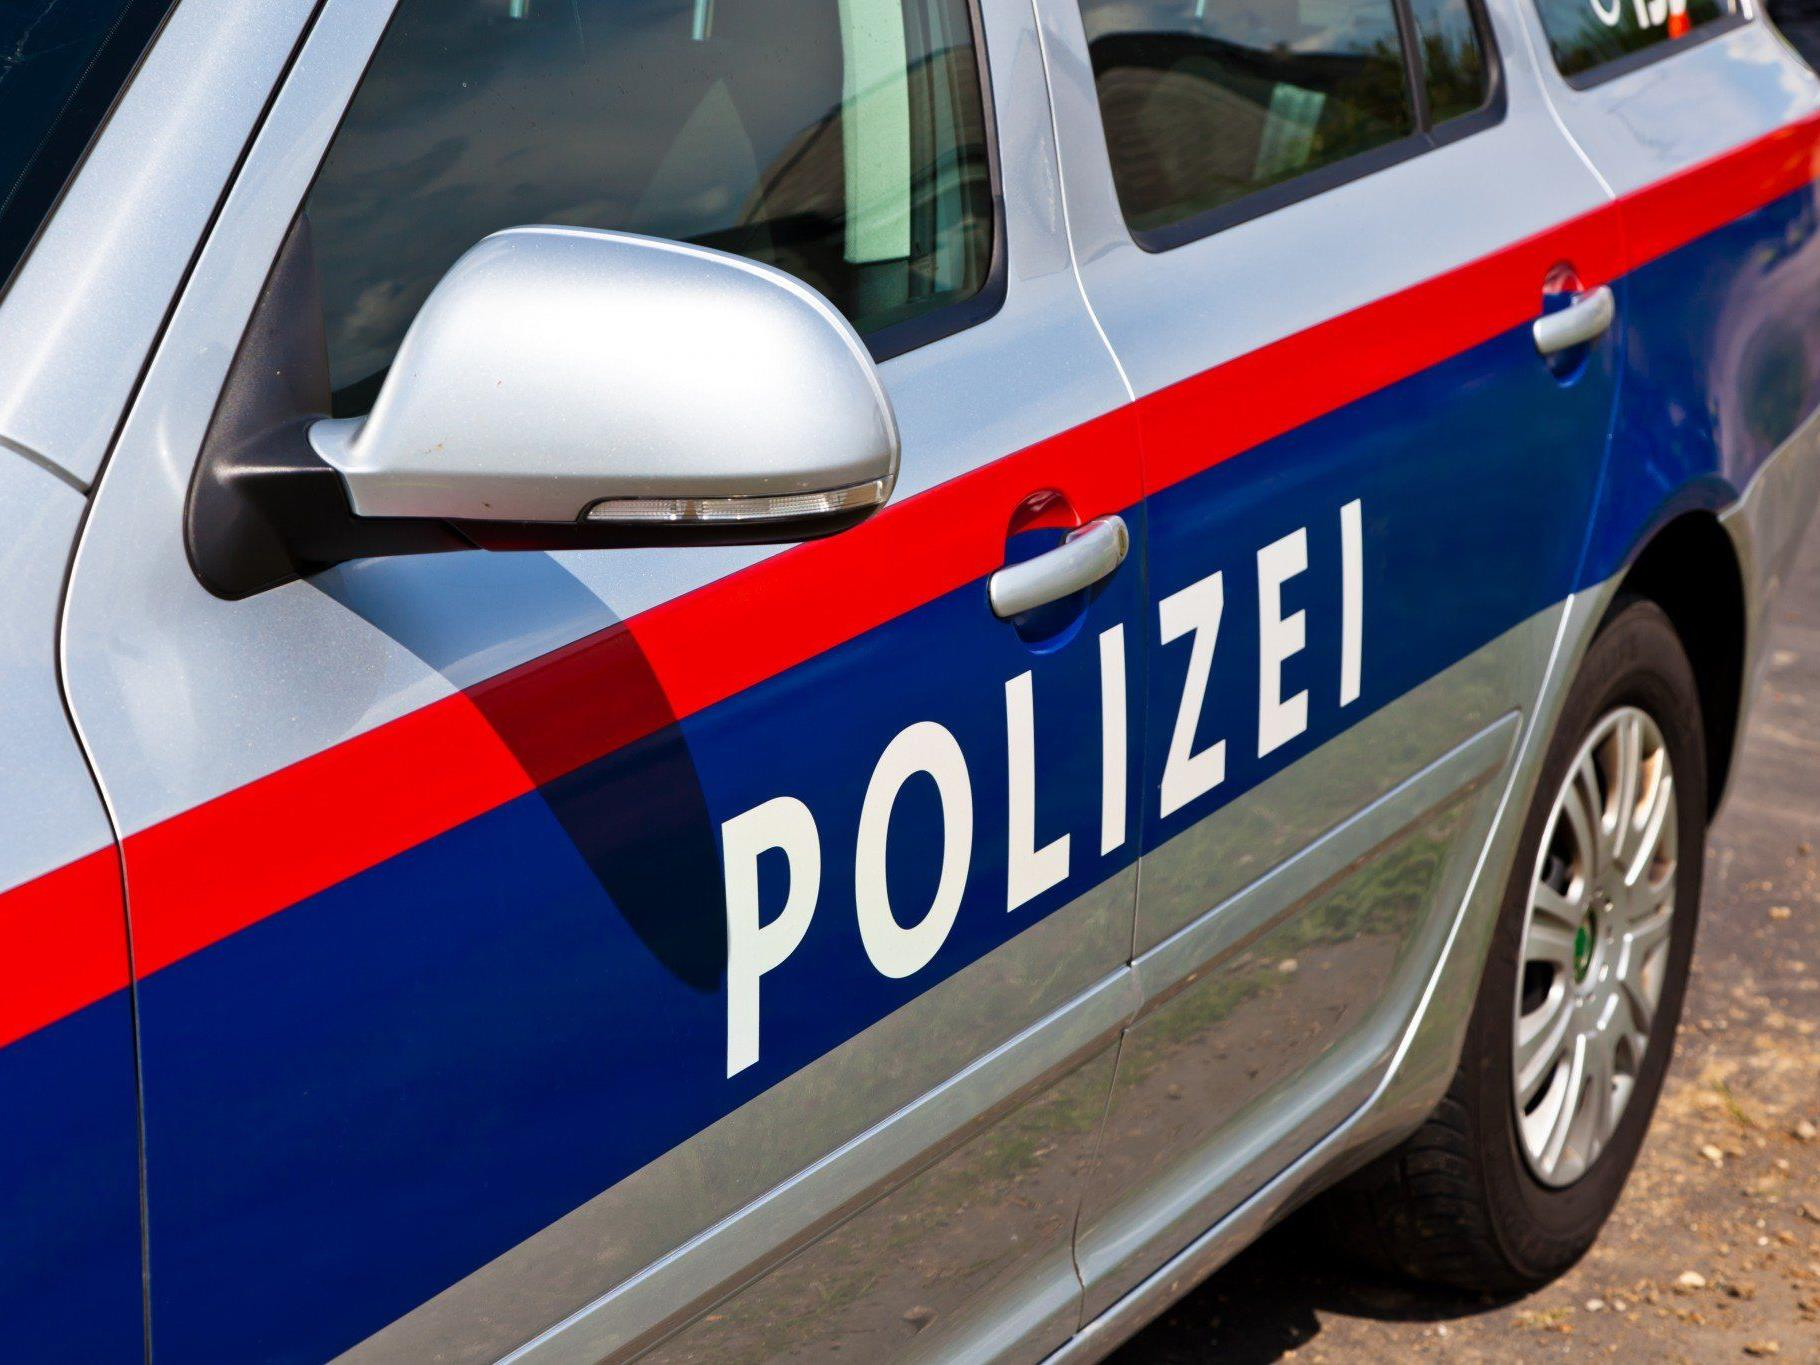 Die Polizei sucht nach den unbekannten Tätern die an den Bushaltestellen die Glasscheiben zerstörten.